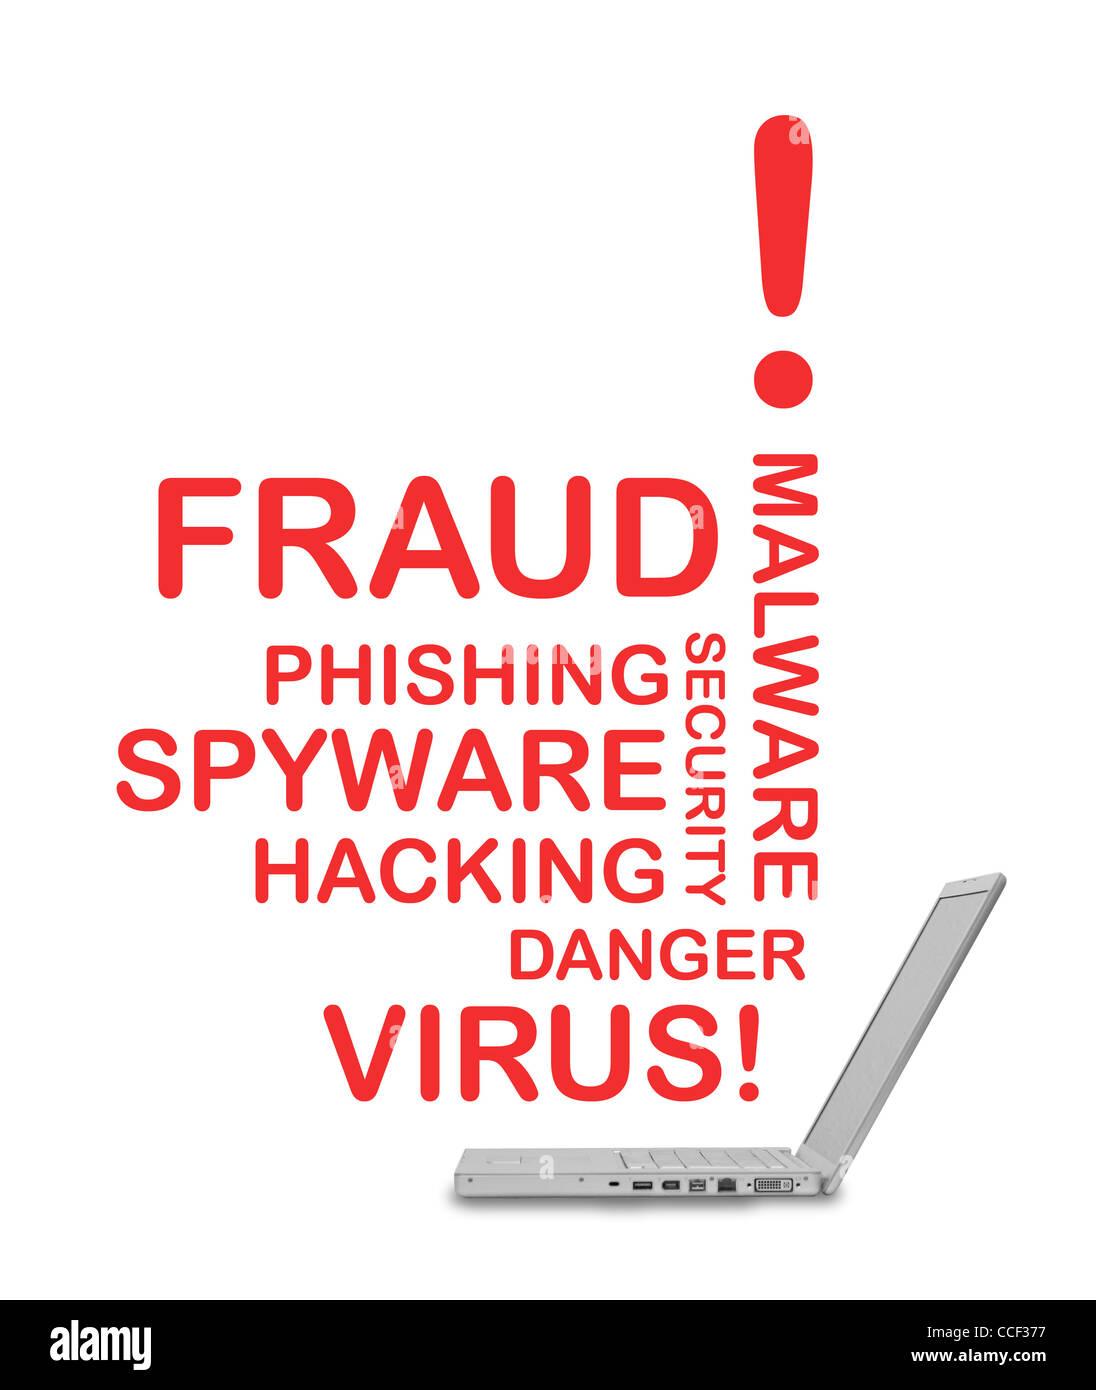 Hacking - Stock Image